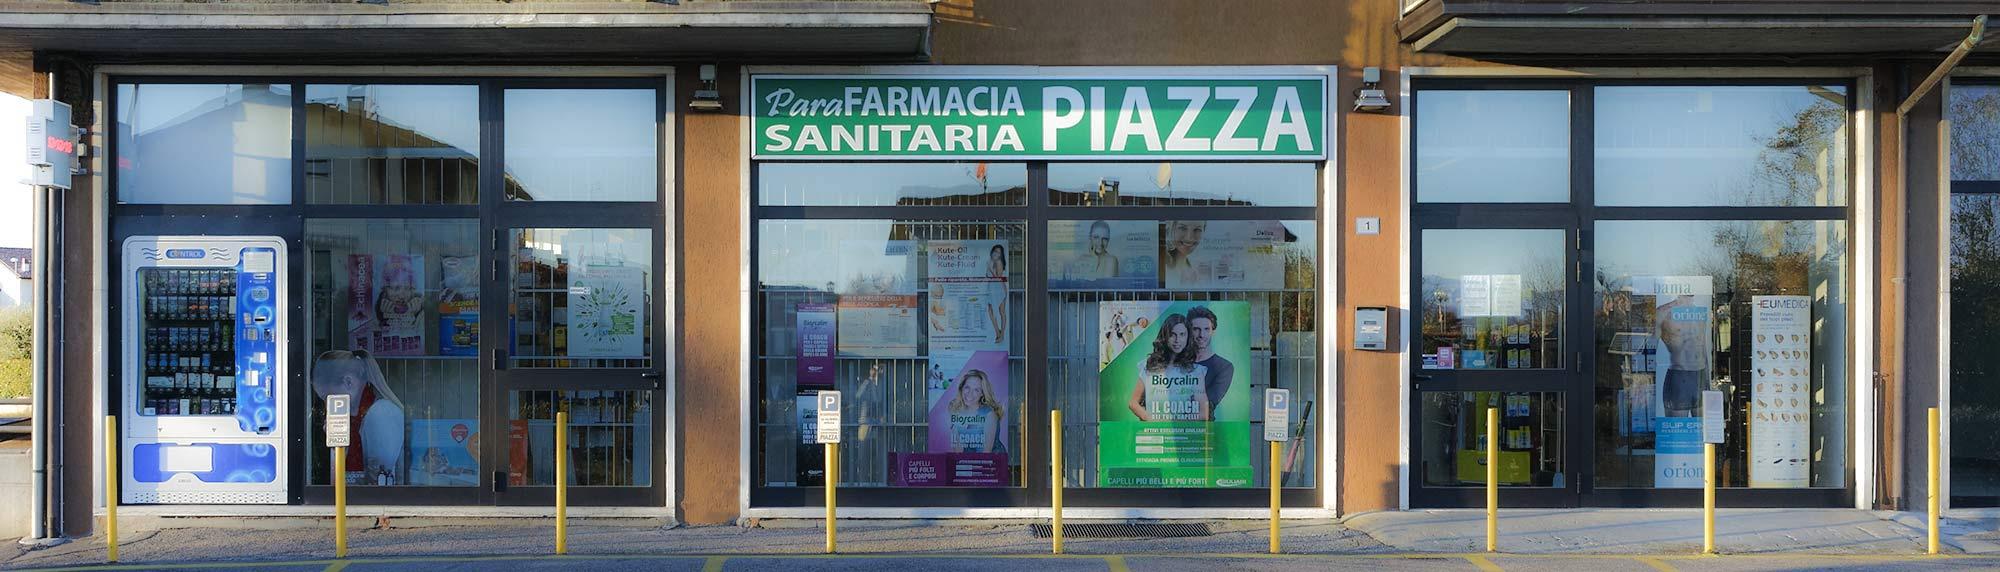 0-Sanitaria-Piazza-Peschiera-Del-Garda-(VR)